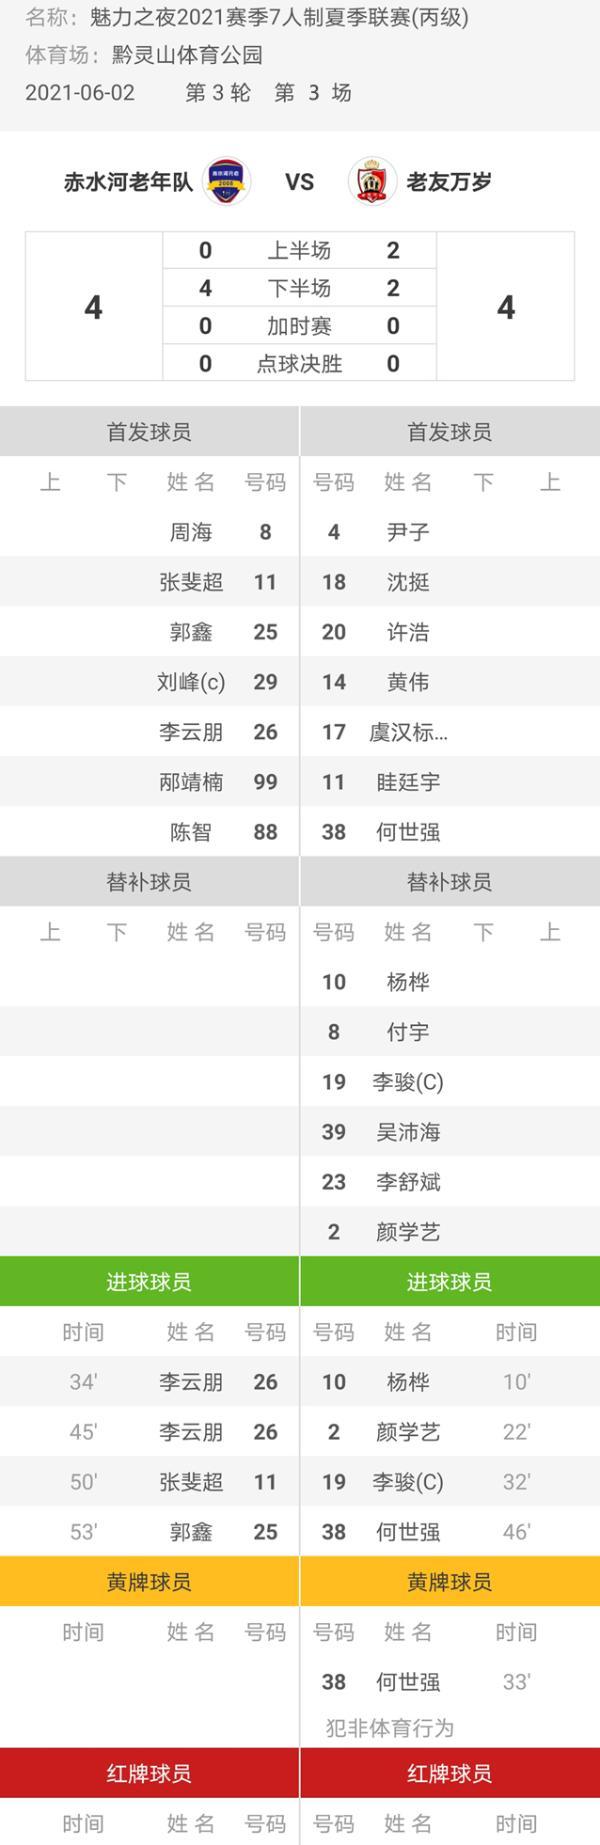 魅力之夜2021赛季7人制足球夏季联赛 赤水河老年队4-4老友万